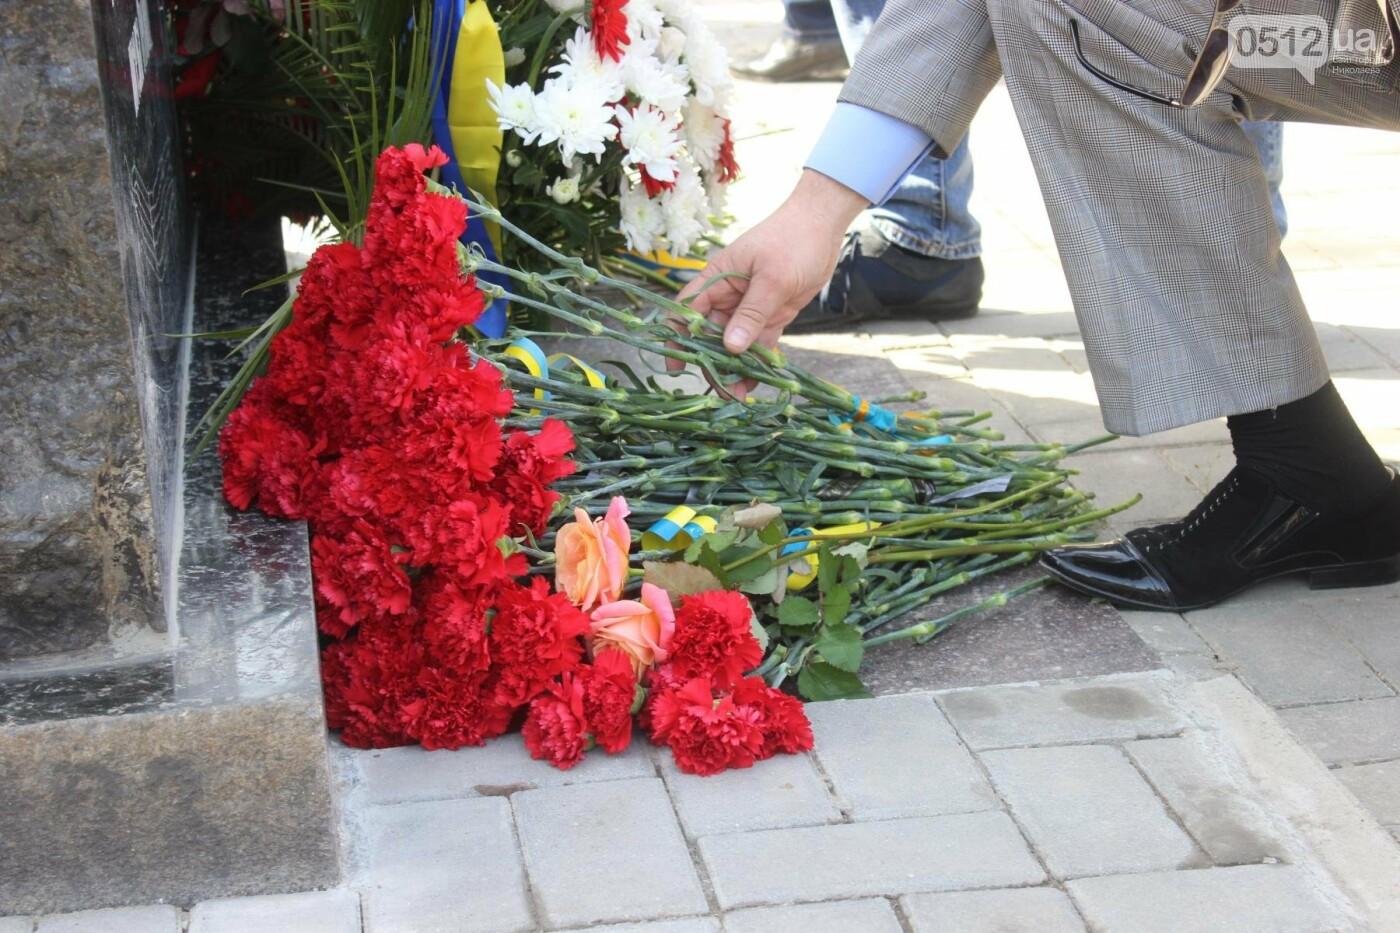 Николаевцы почтили память узников концлагерей, - ФОТО, фото-12